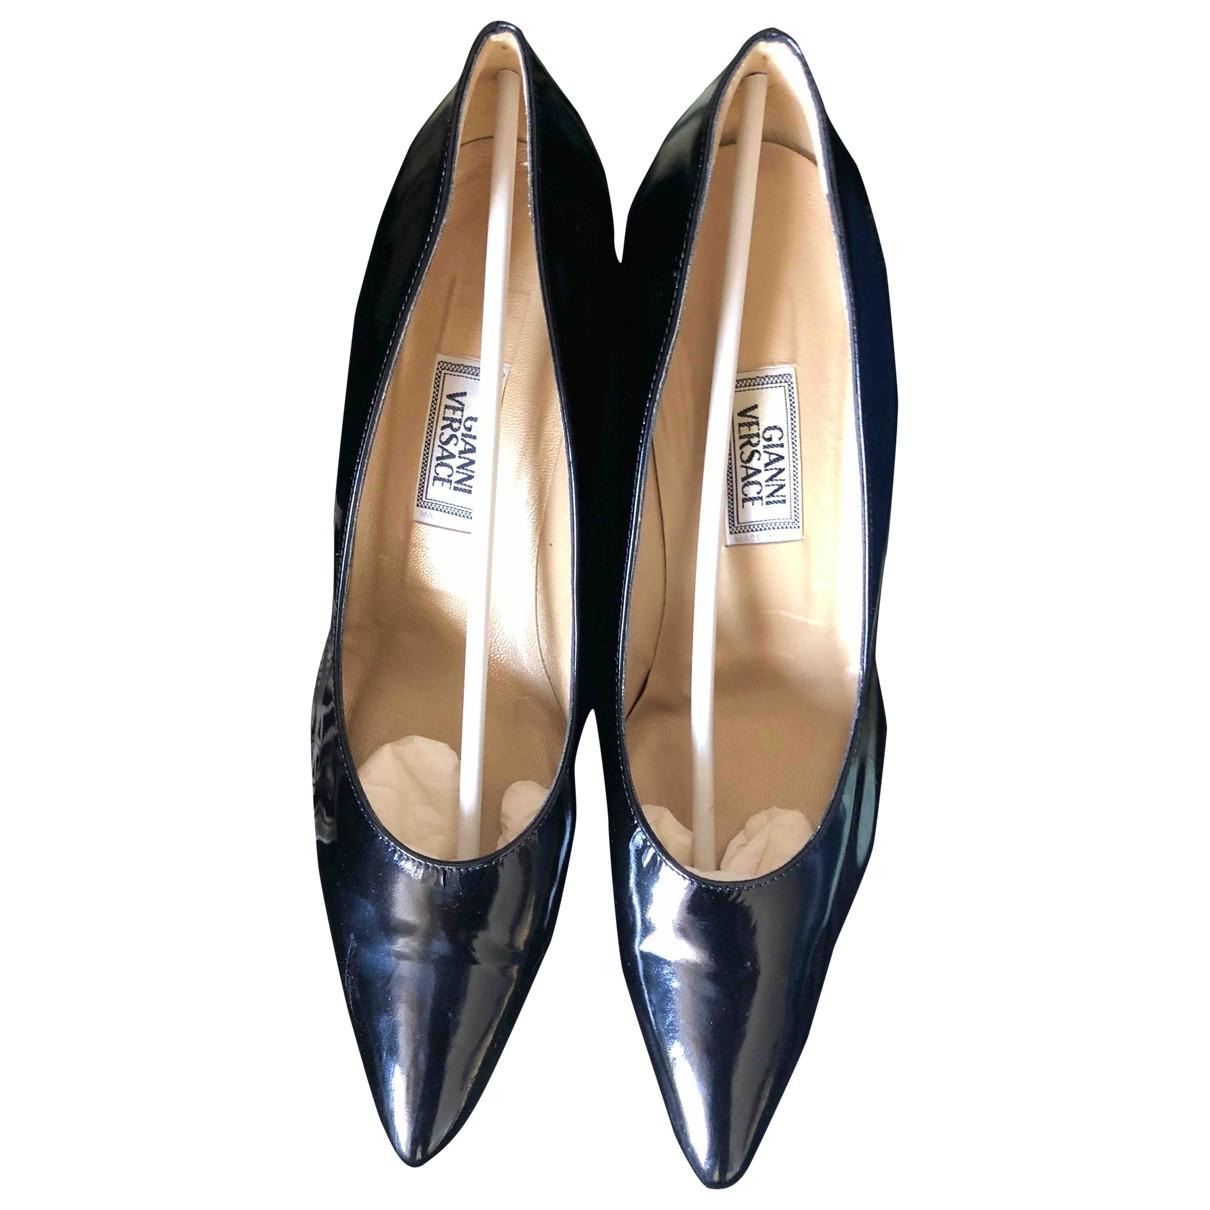 Gianni Versace - Escarpins   pour femme en cuir verni - noir